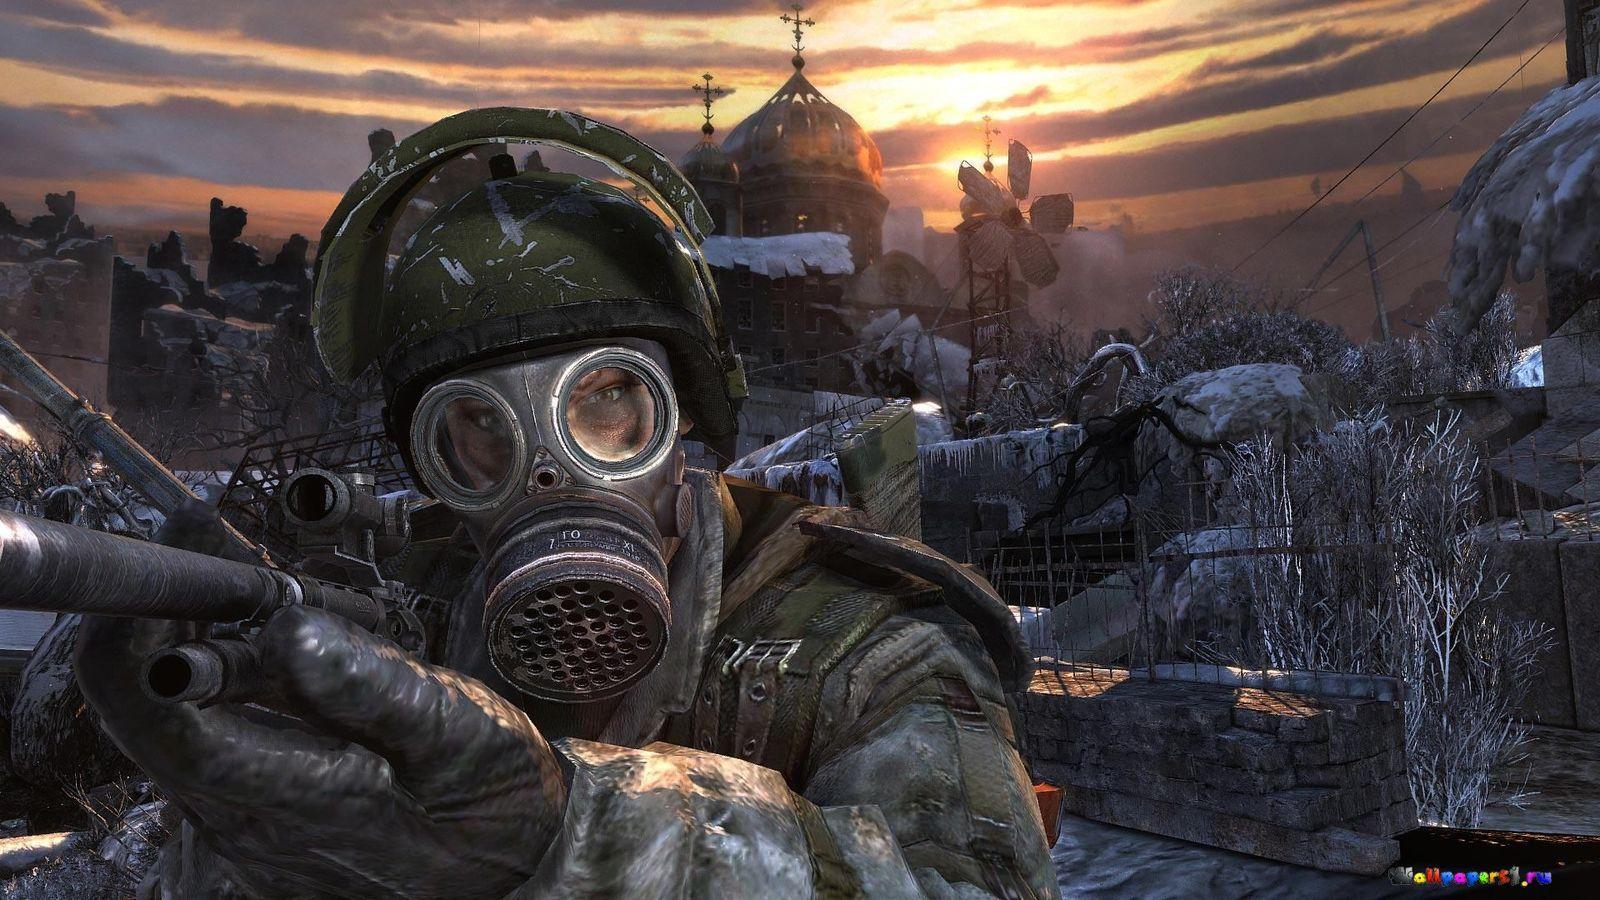 Популярность компьютерных игр в России